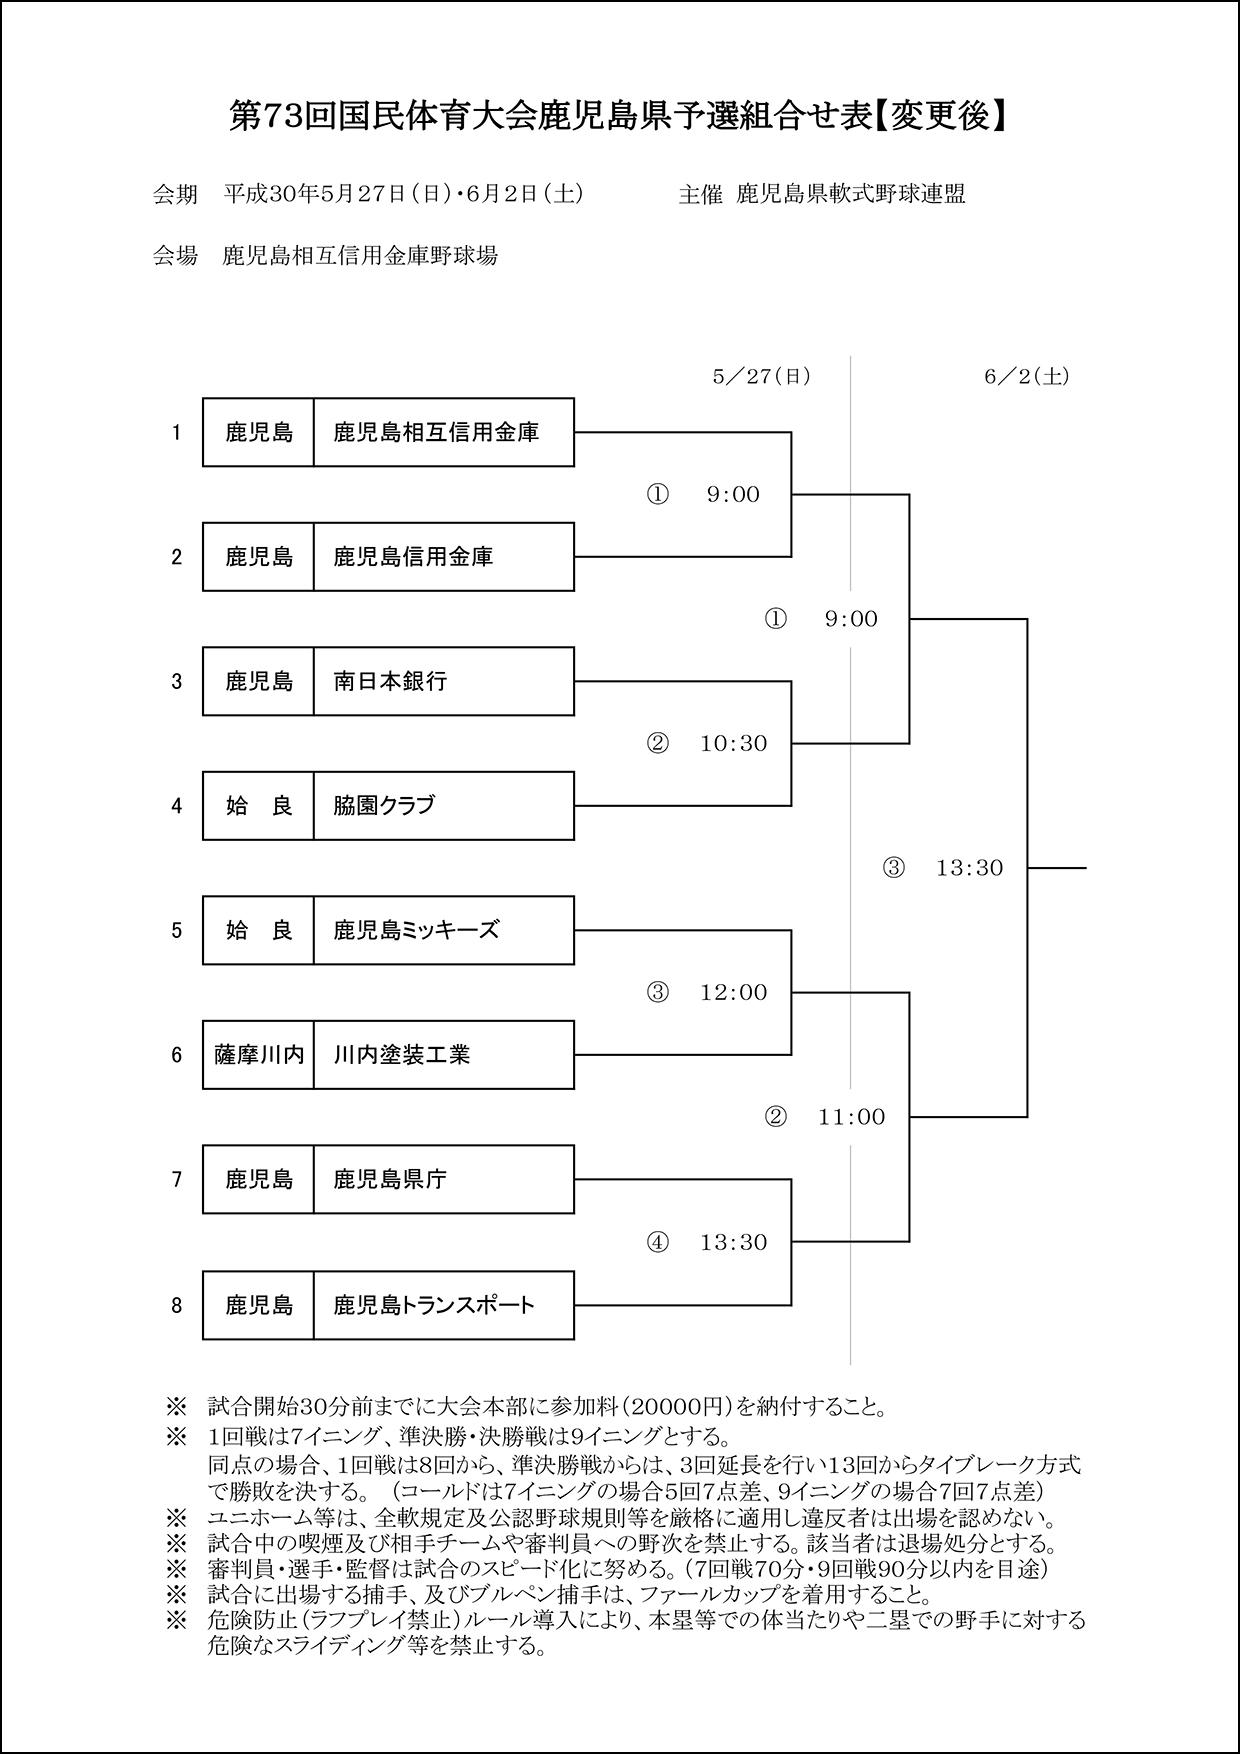 ▽【変更後】第73回国民体育大会鹿児島県予選組合せ表